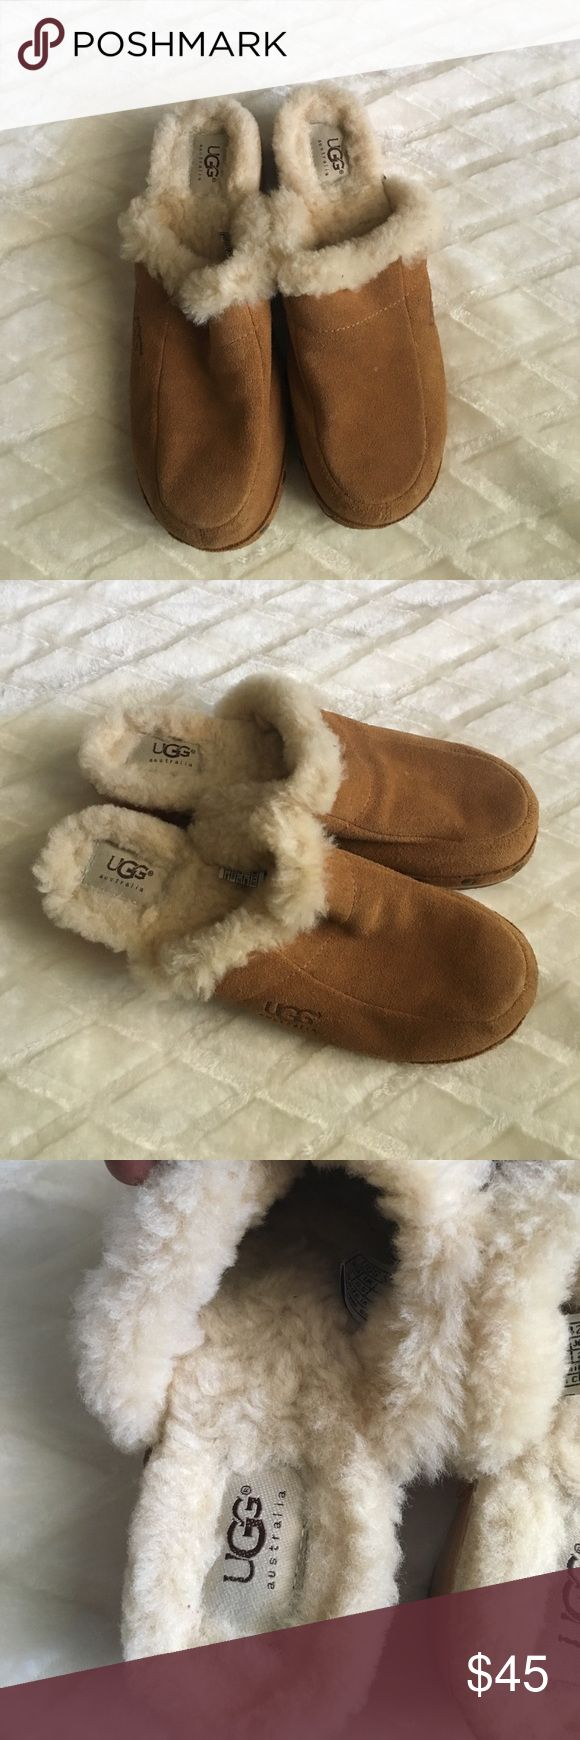 UGG Australia sandals Brown UGG Australia wedge sandals UGG Shoes Sandals